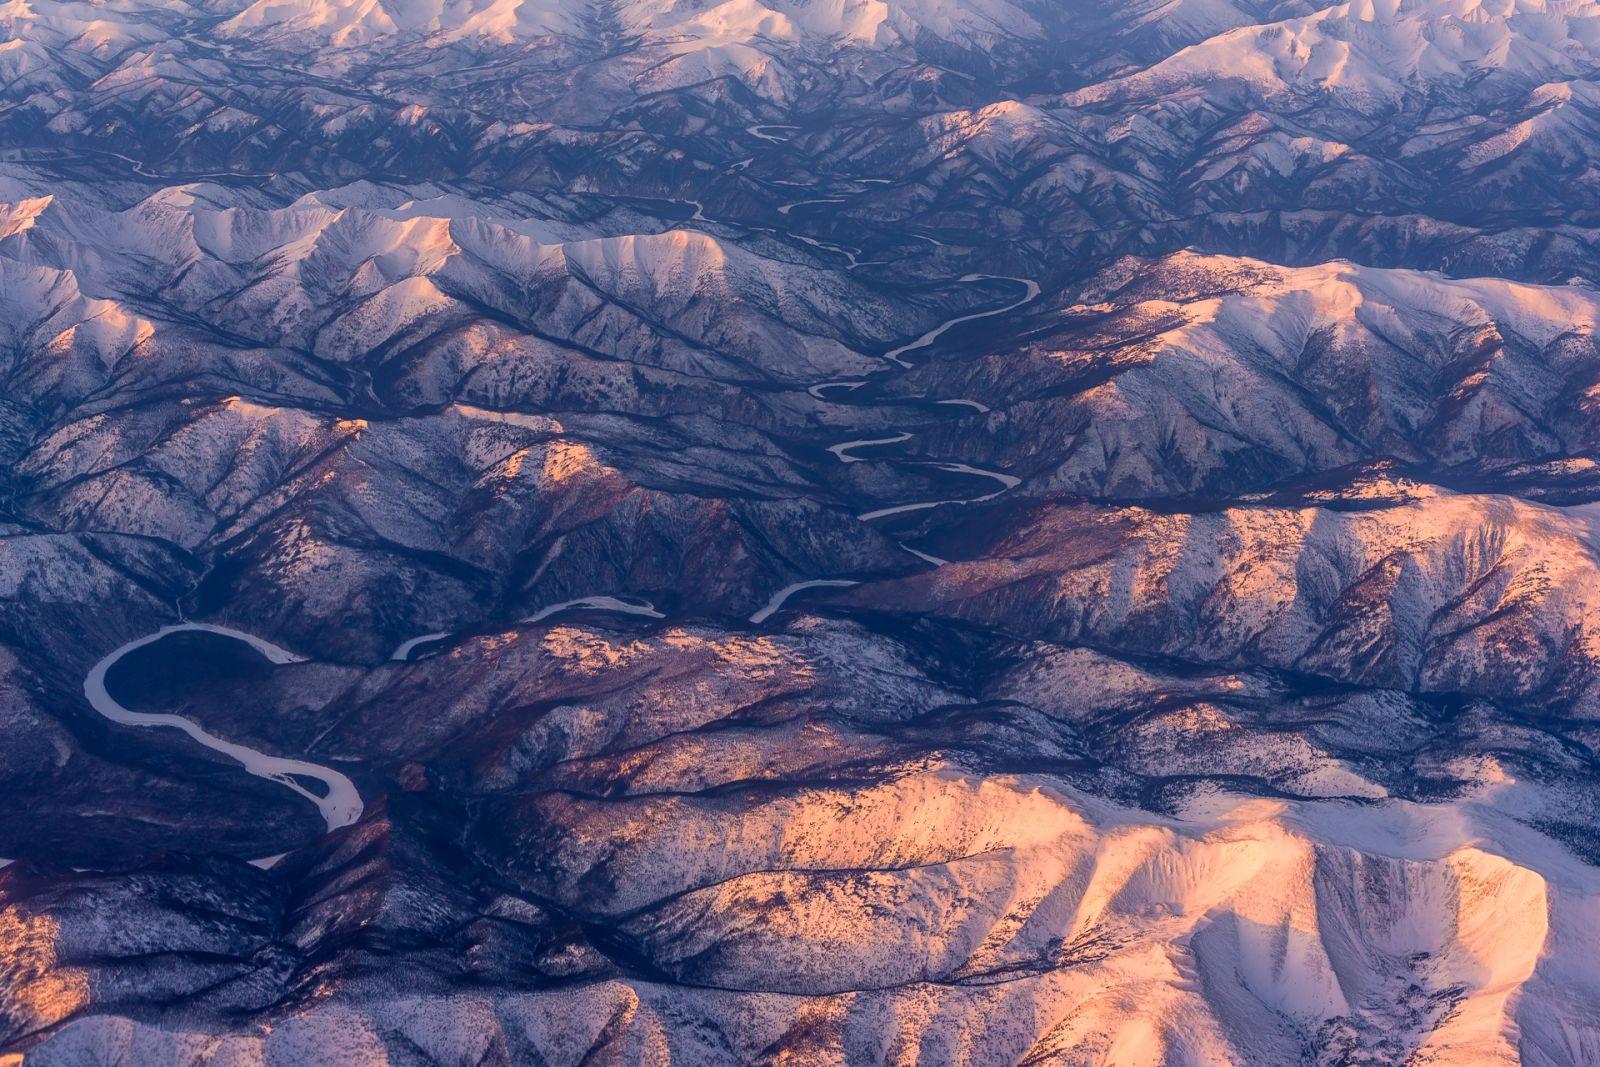 Встречая утро над Восточными Саянами, © Екатерина Васягина, Финалист фотоконкурса «Самая красивая страна – 2018»